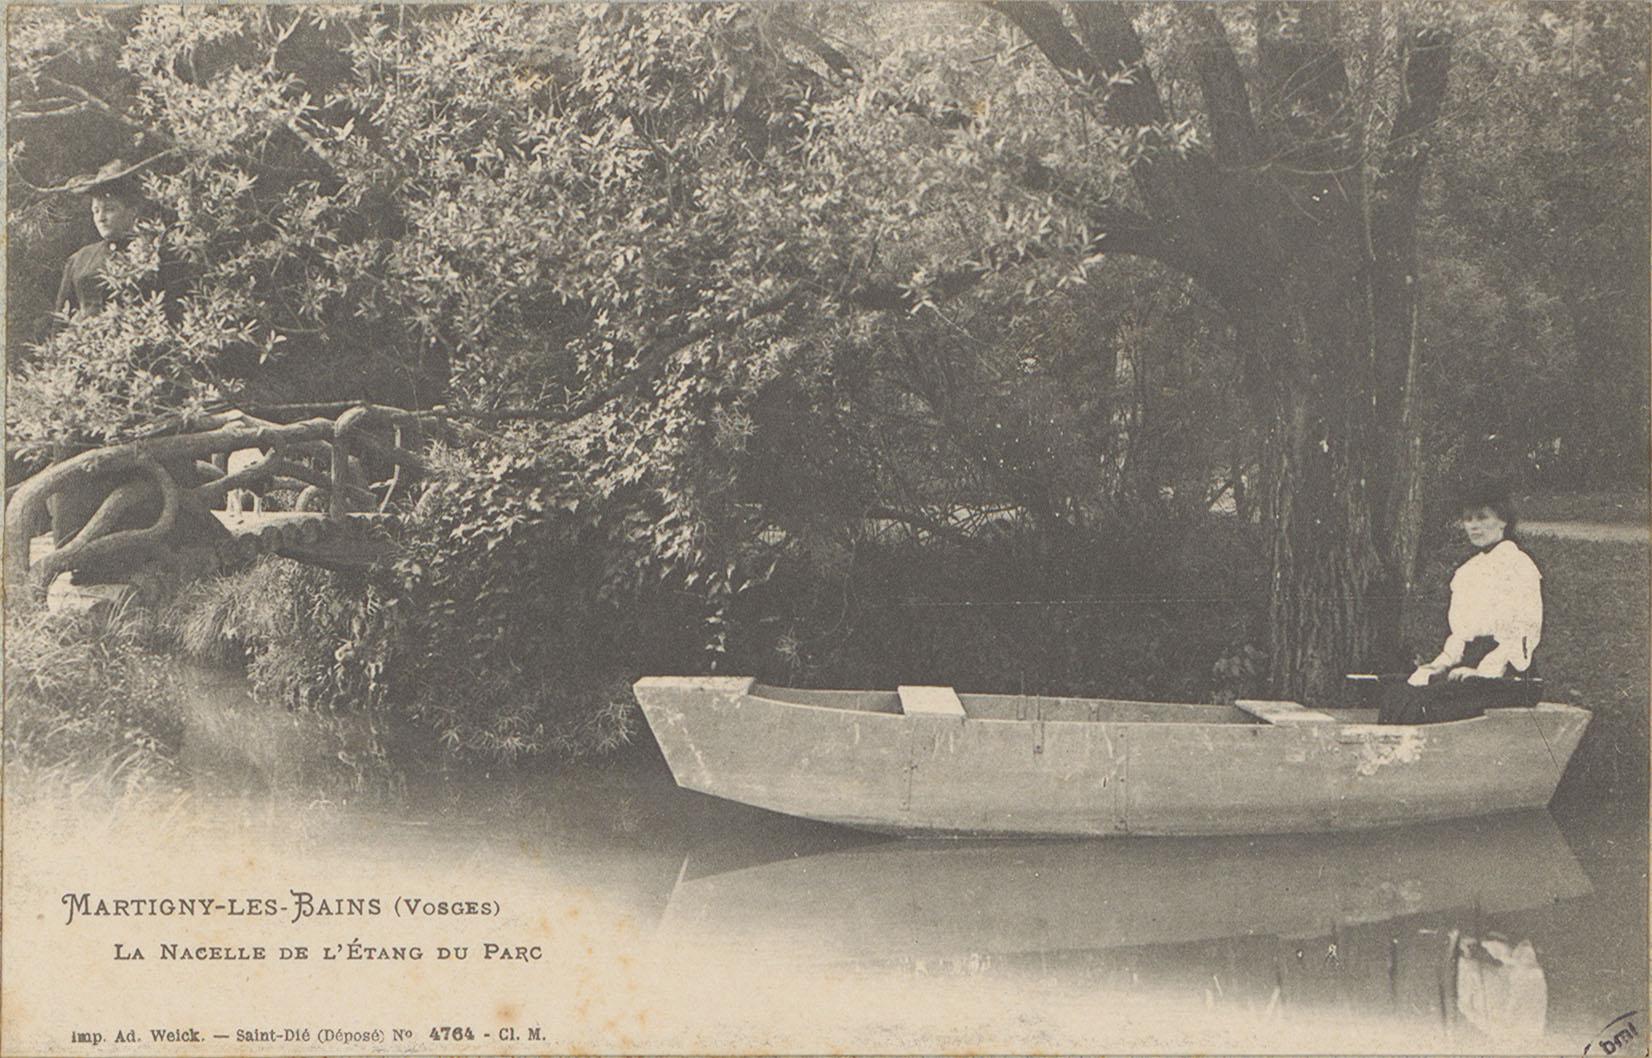 Contenu du Martigny-les-Bains (Vosges), La Nacelle de l'étang du parc